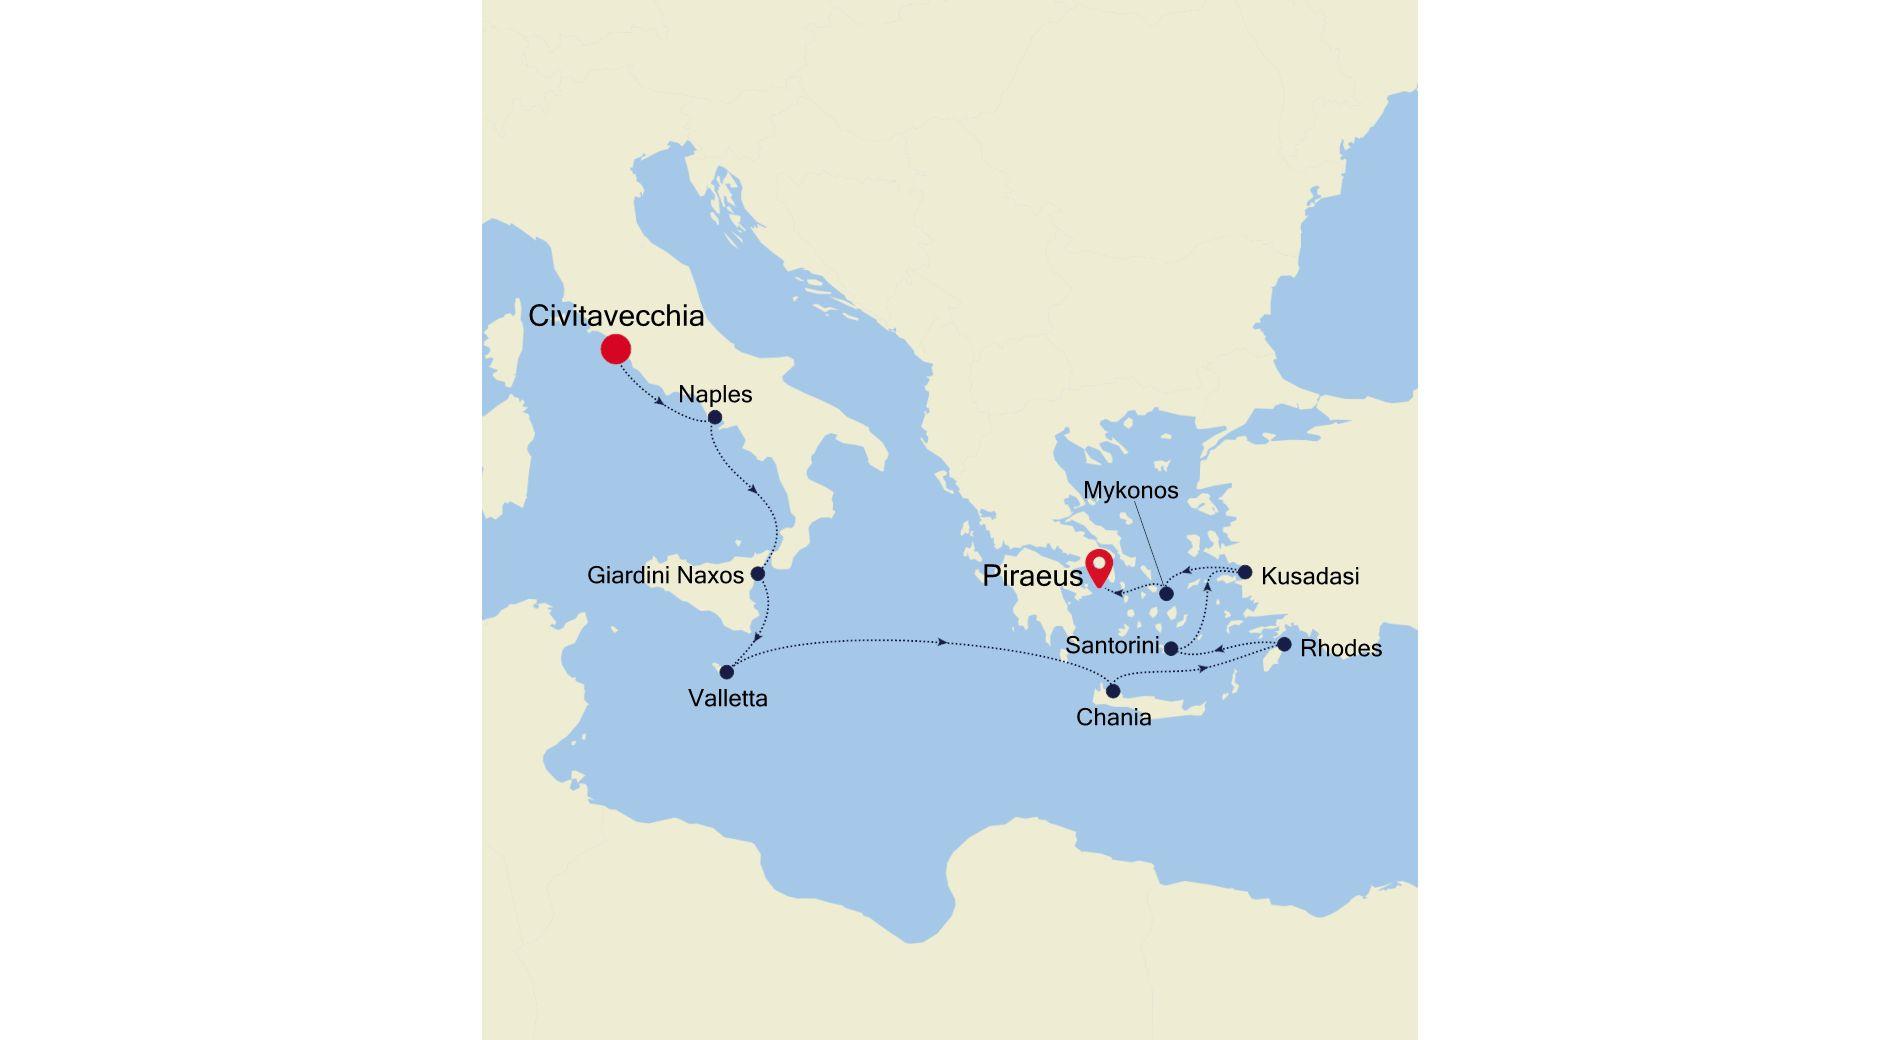 SS201001011 - Civitavecchia à Athens